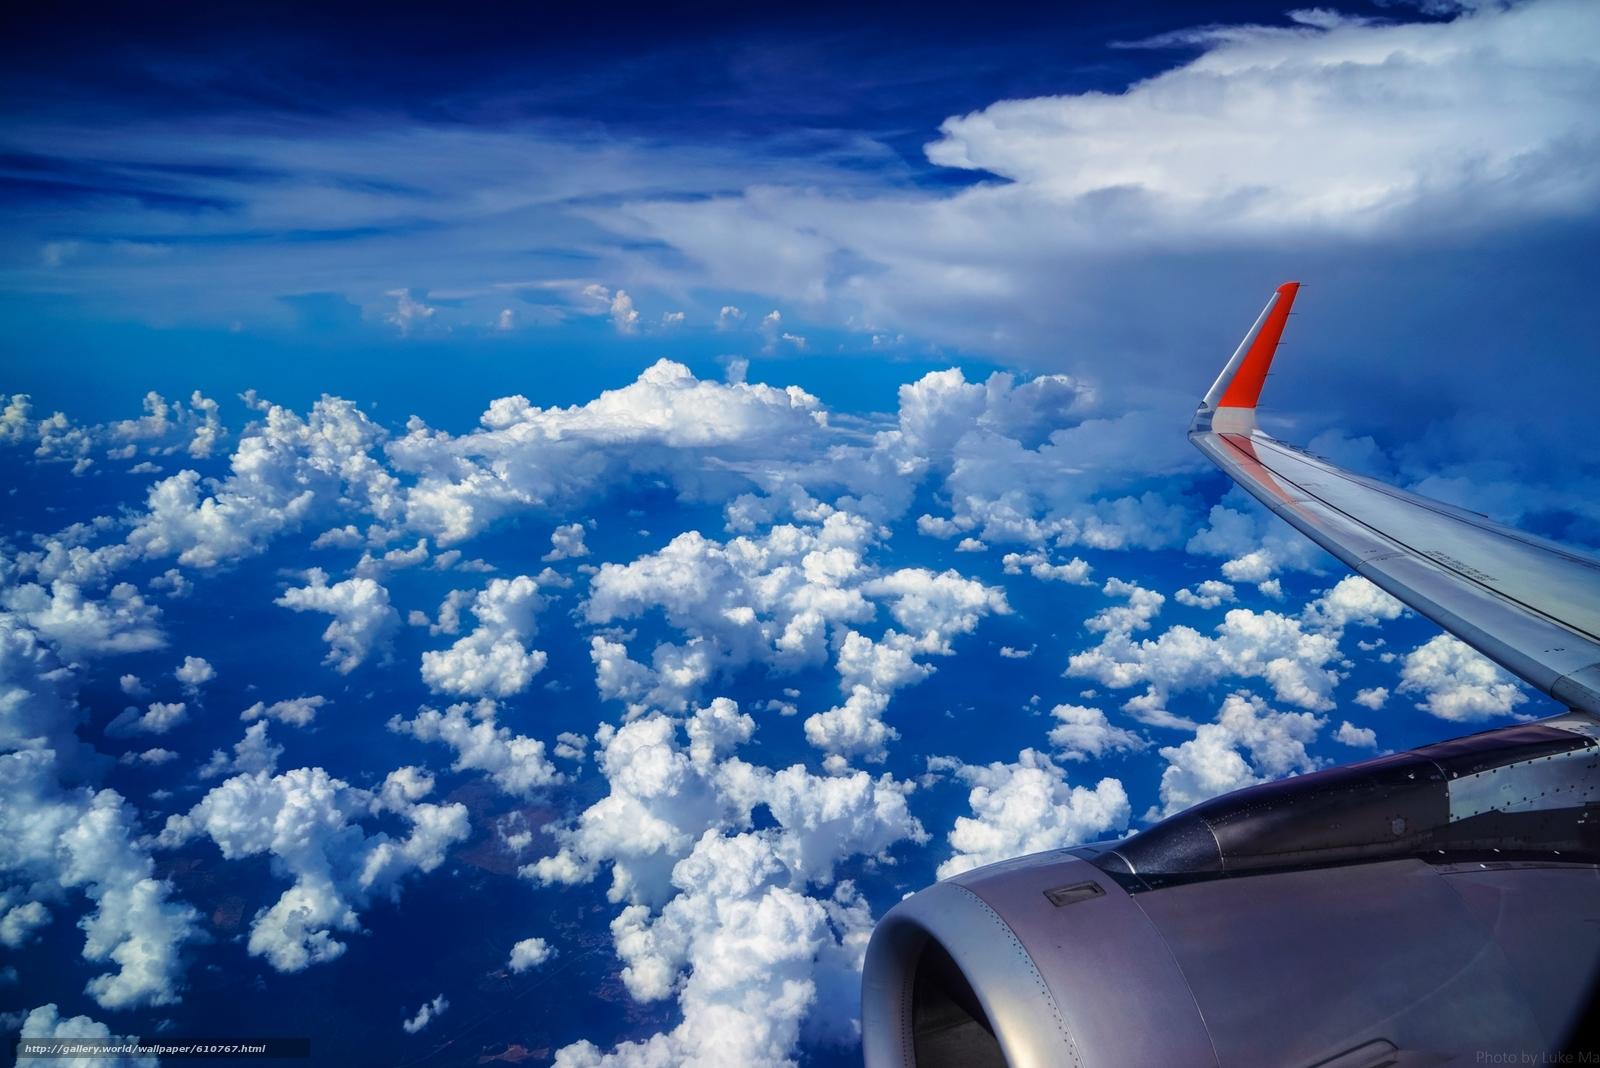 Скачать обои под крылом самолёта,  самолёт,  крыло,  небо бесплатно для рабочего стола в разрешении 2200x1468 — картинка №610767